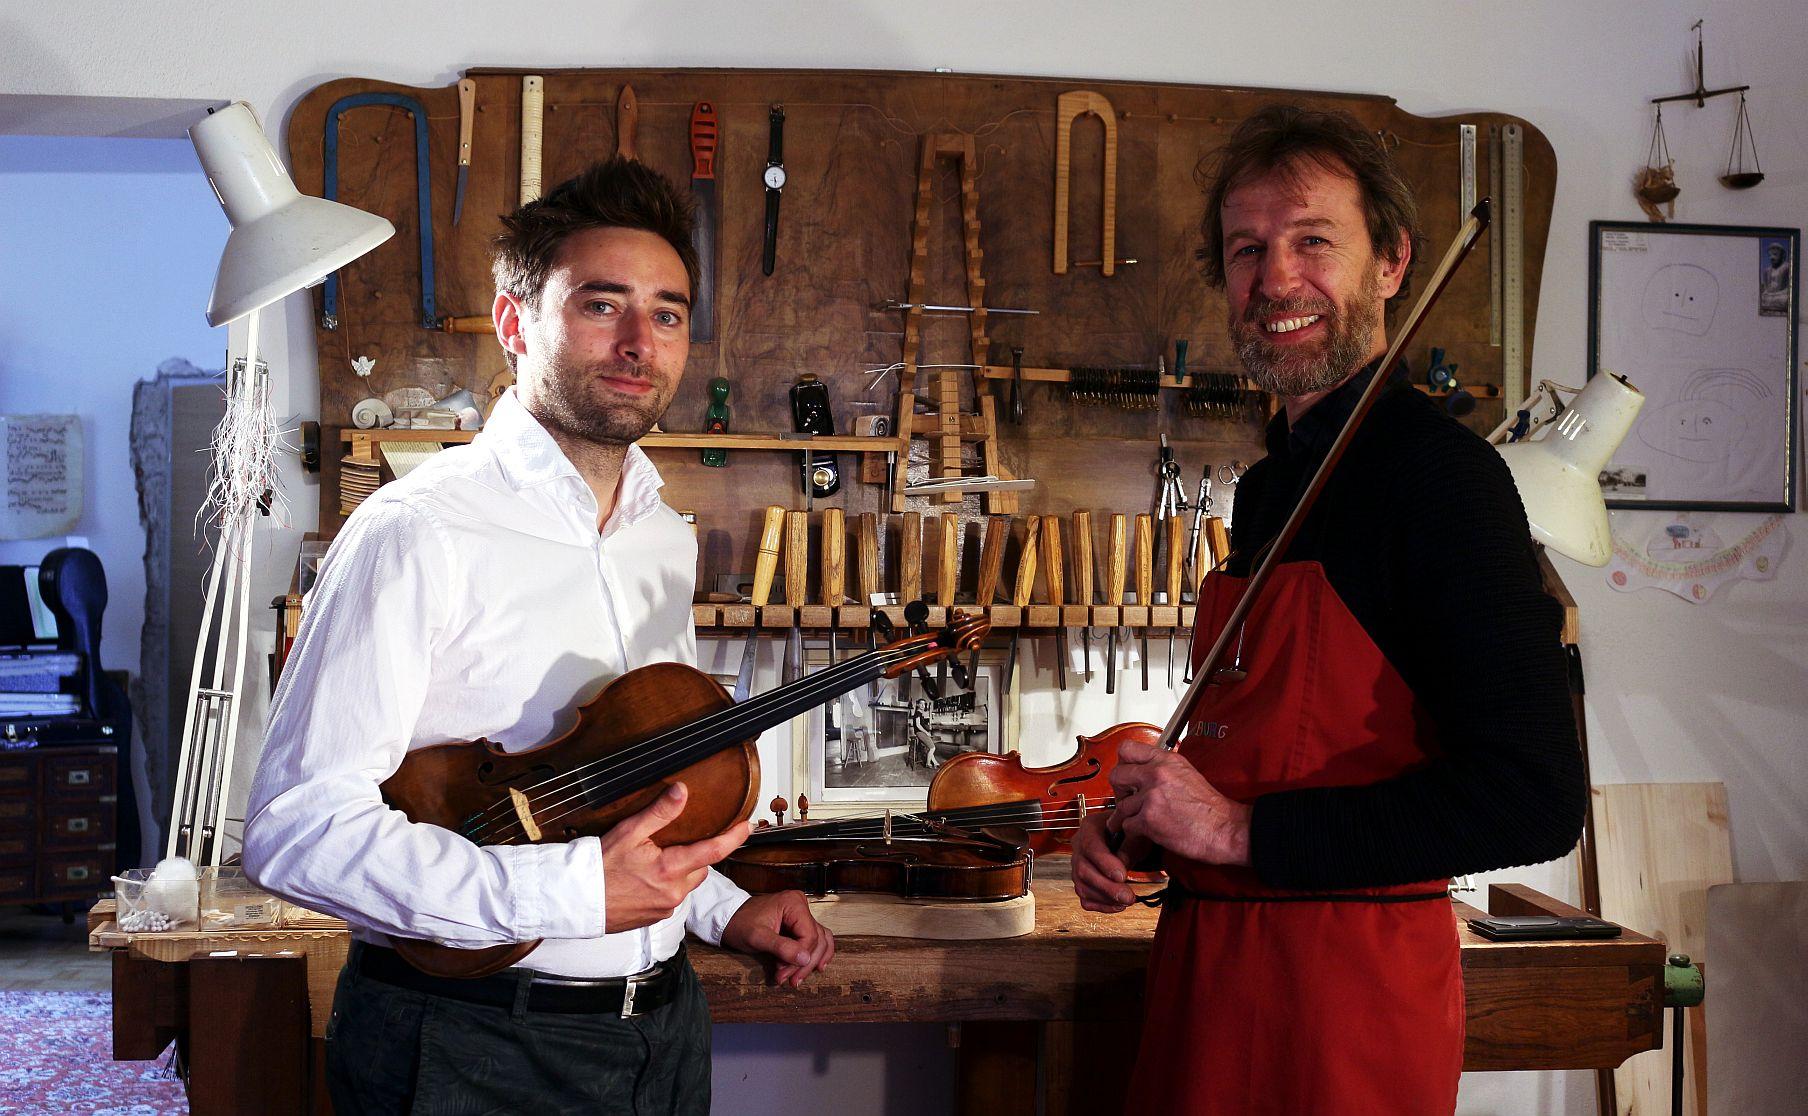 Geigenkauf